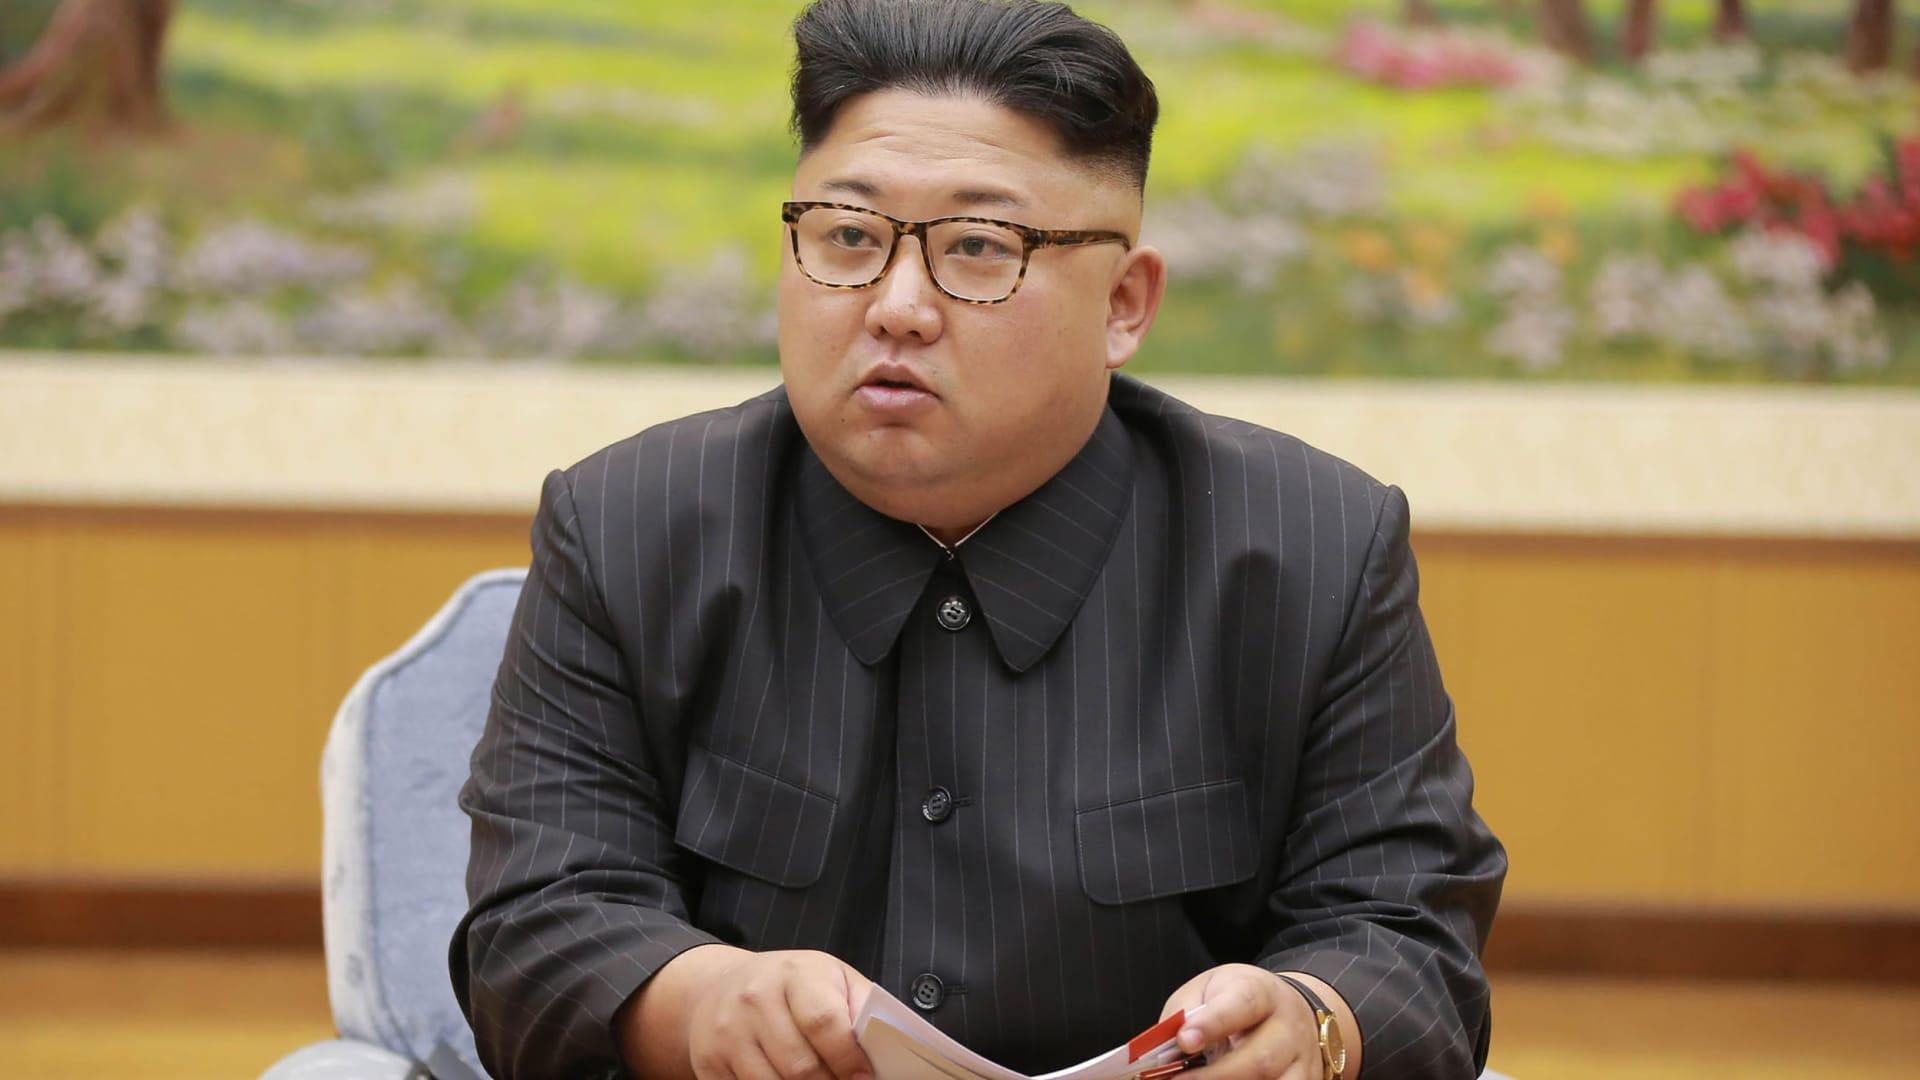 أمريكا تعاقب مبرمجا وكيانا كوريا شماليا لضلوعهما في هجمات إلكترونية